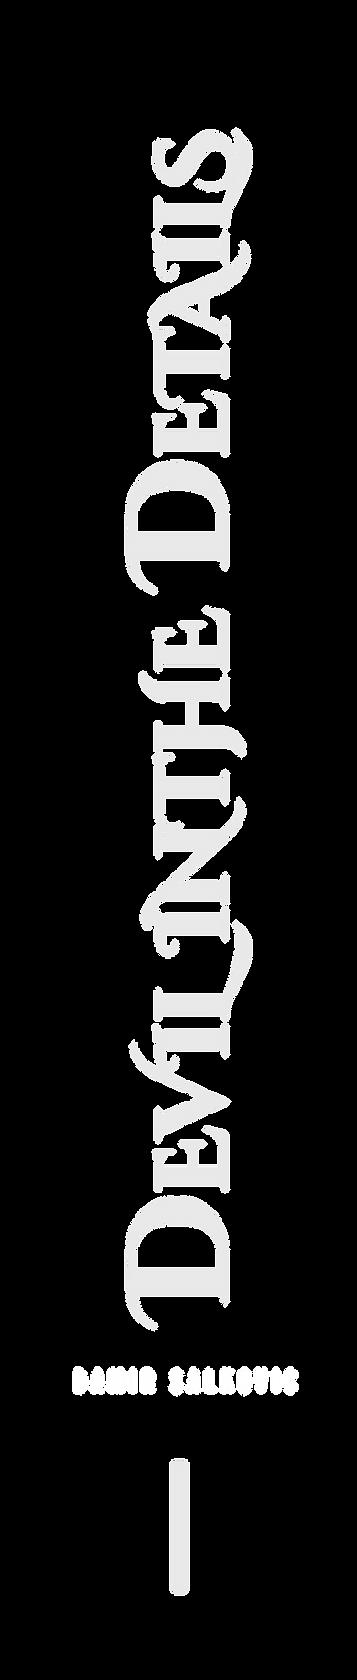 DevilinDetailstitle (1).png